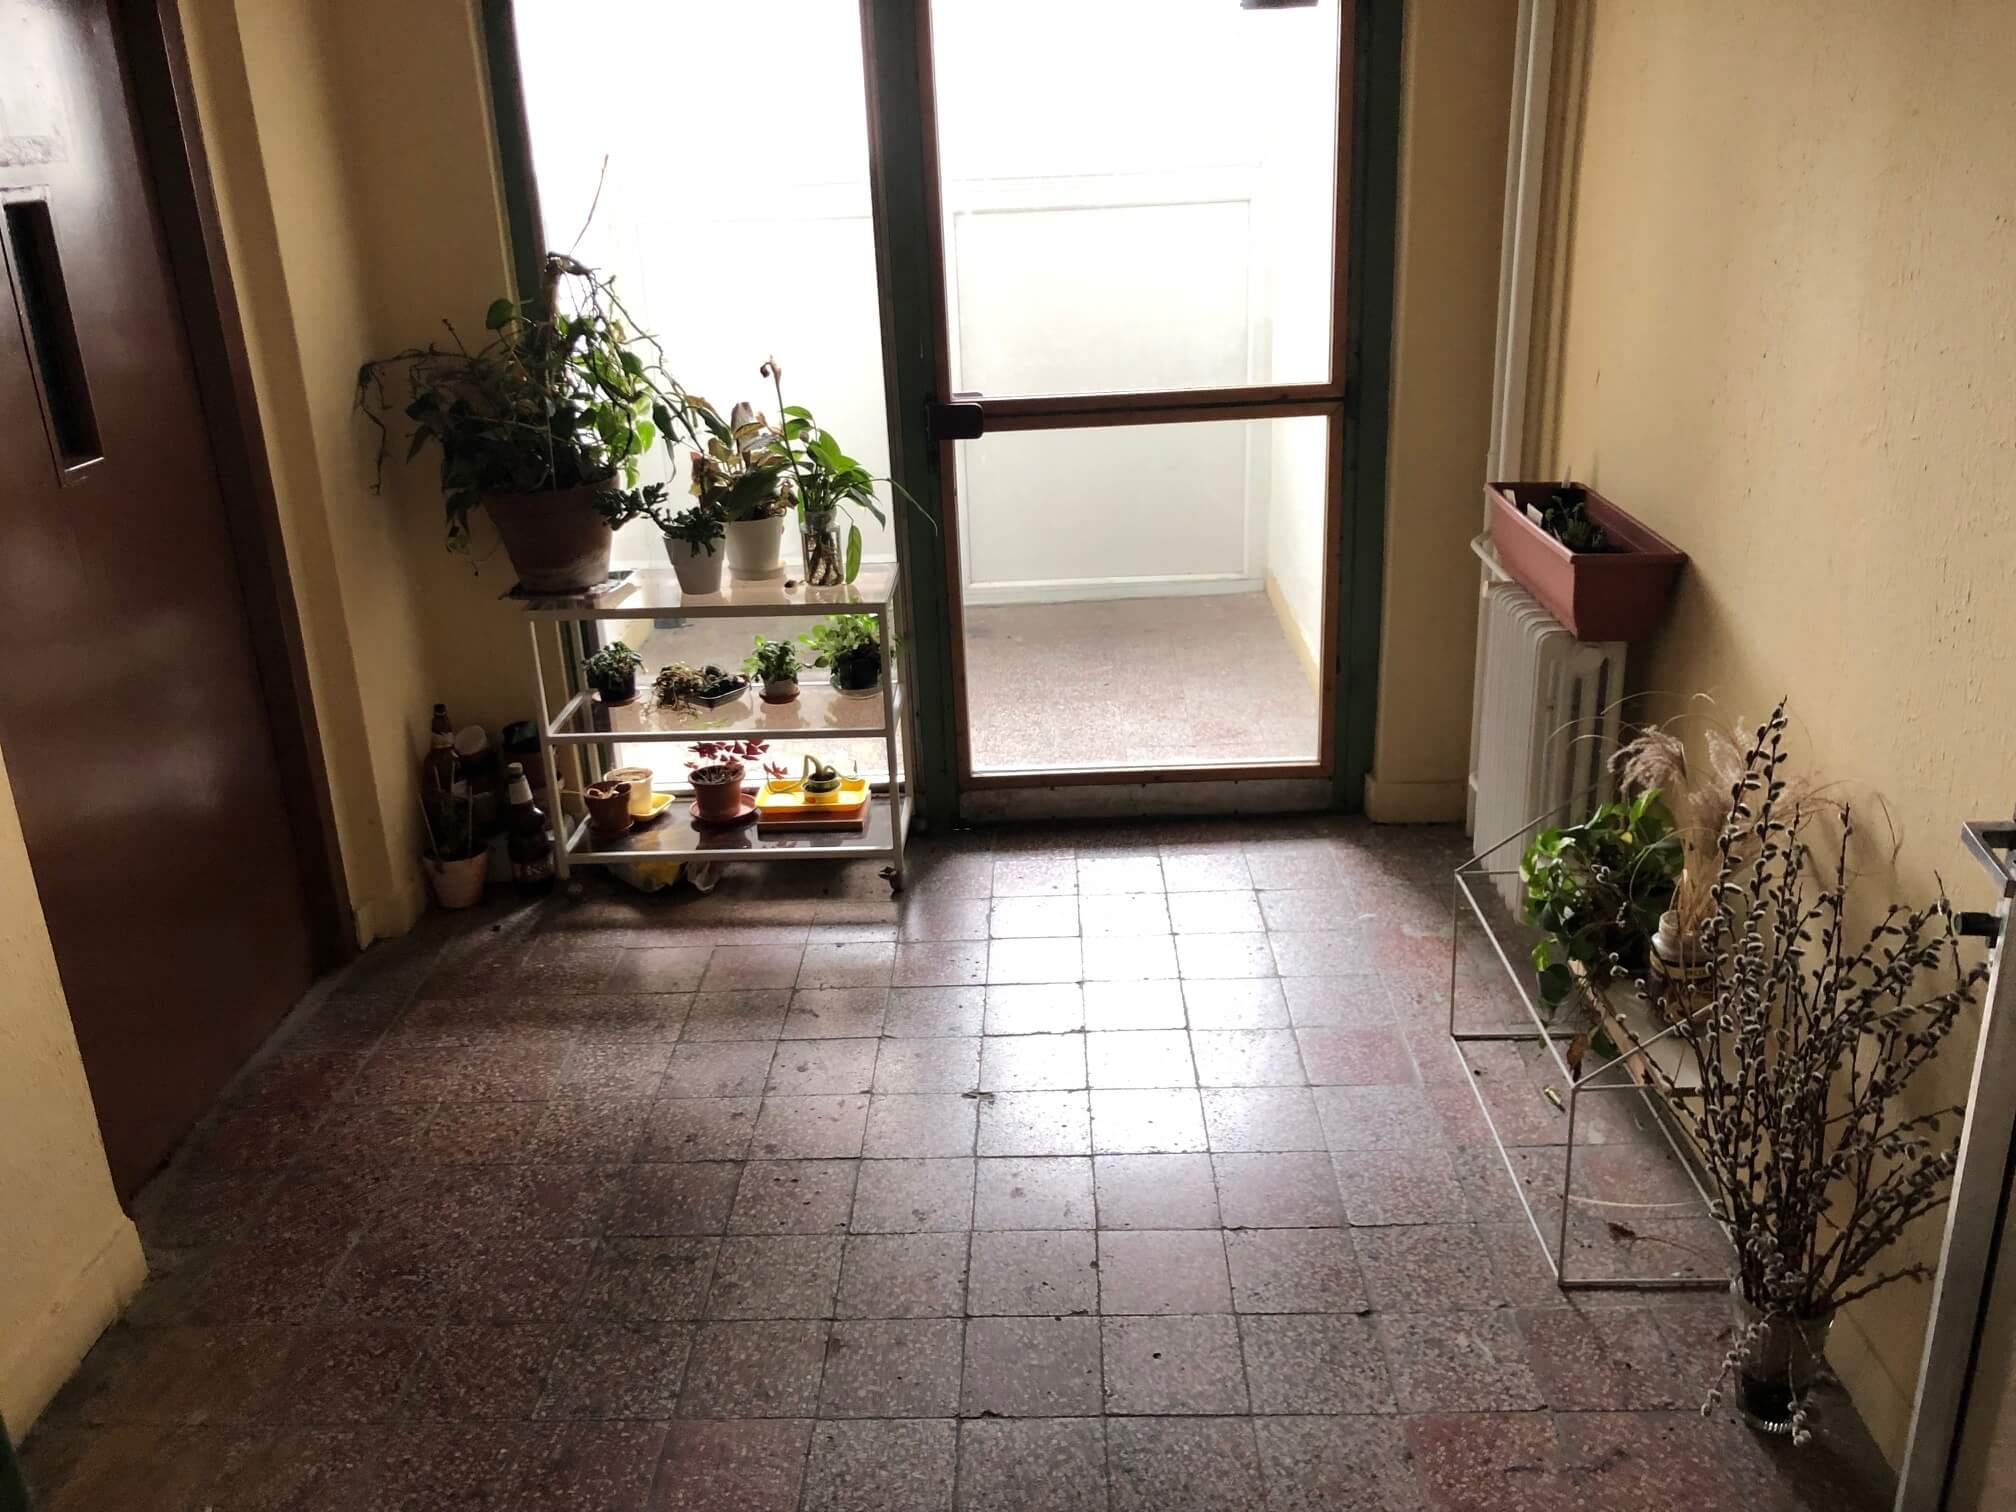 Predaný: 1 izbový byt, Ipeľská, Bratislava, 38m2, nízke náklady, parkovanie, vynikajúca občianska vybavenosť-20